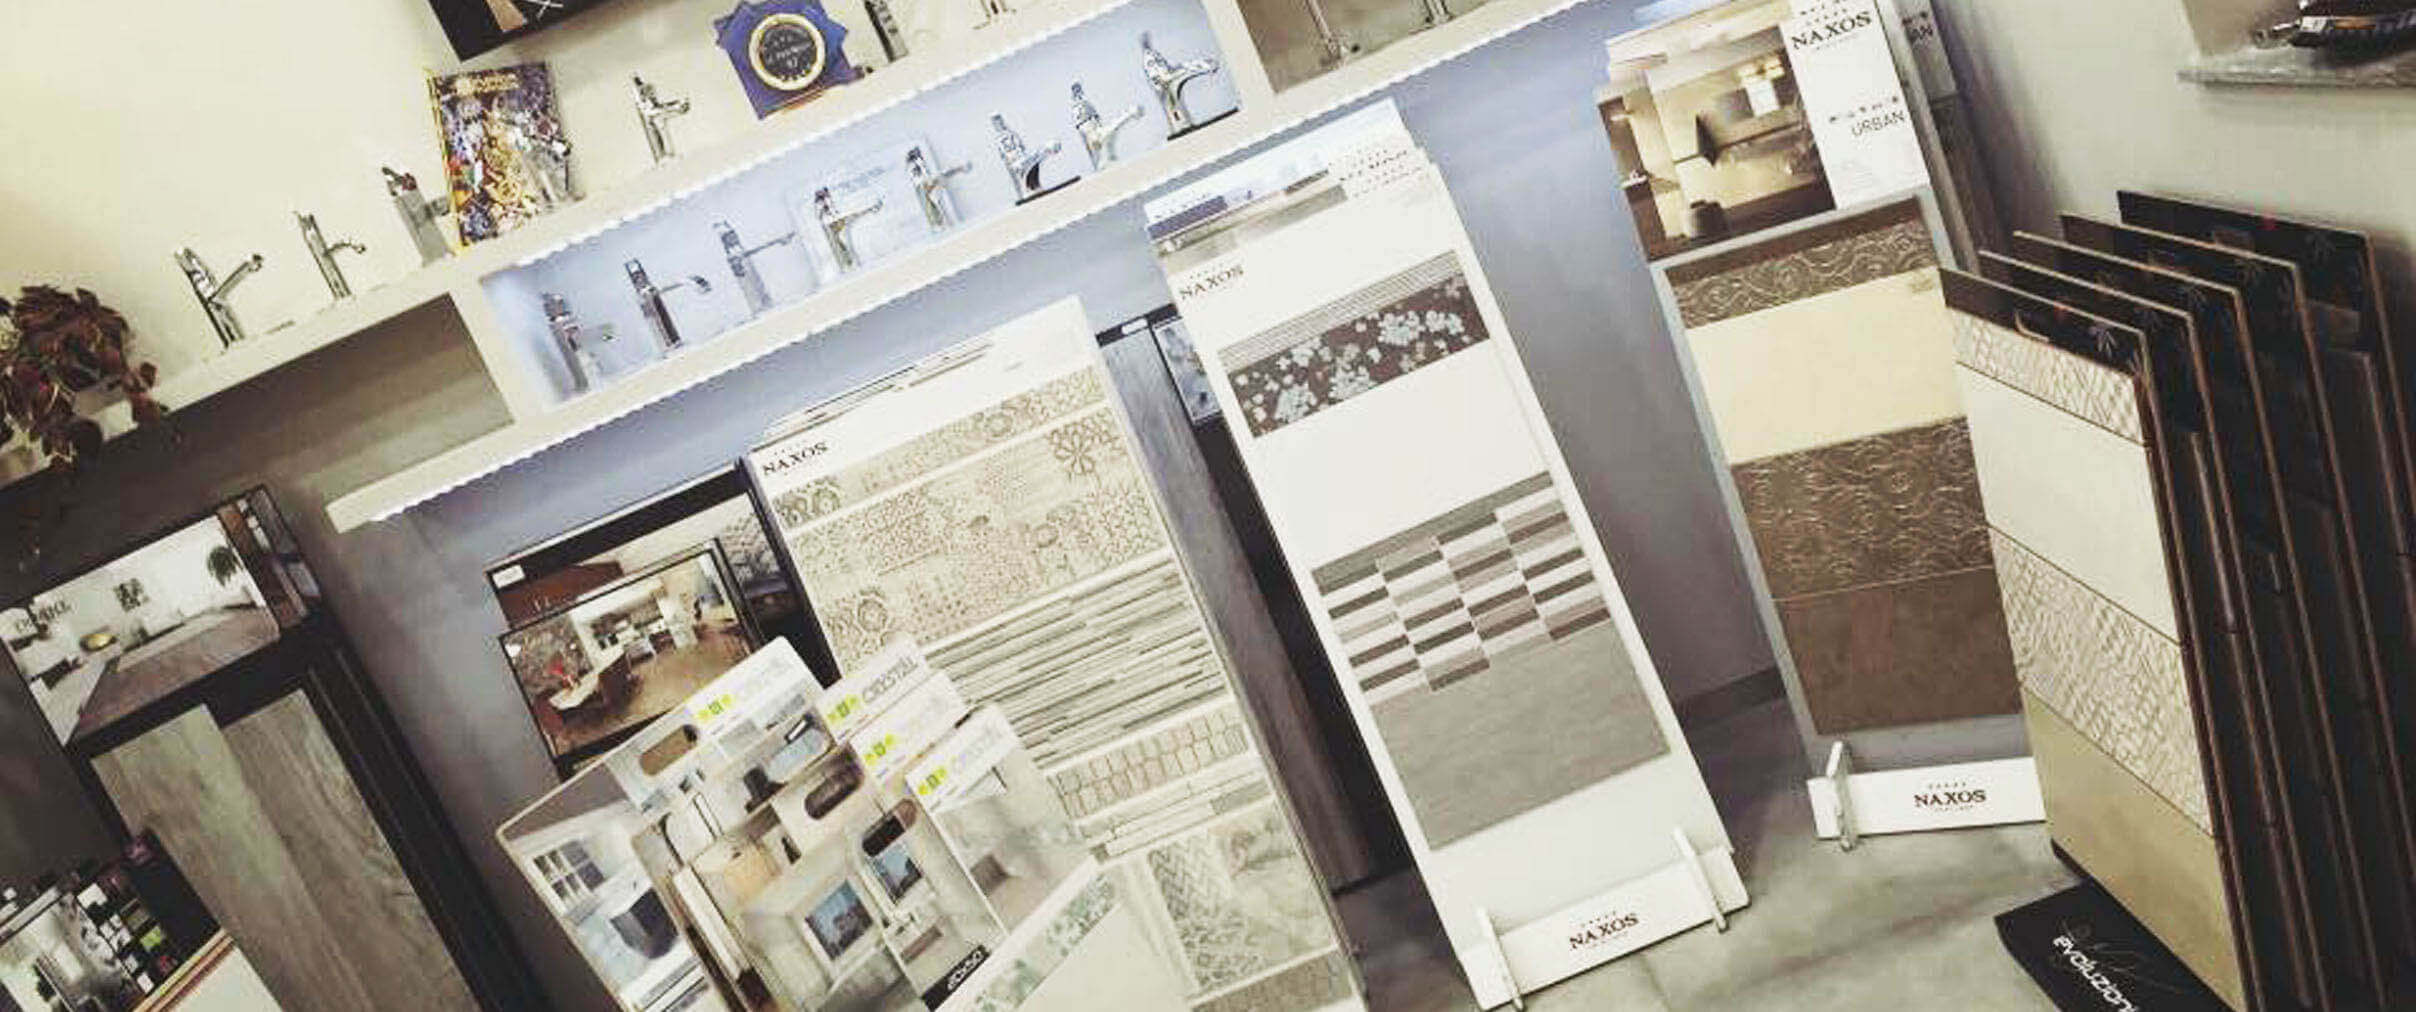 Vendita di ceramiche e gres porcellanato a Collegno Torino